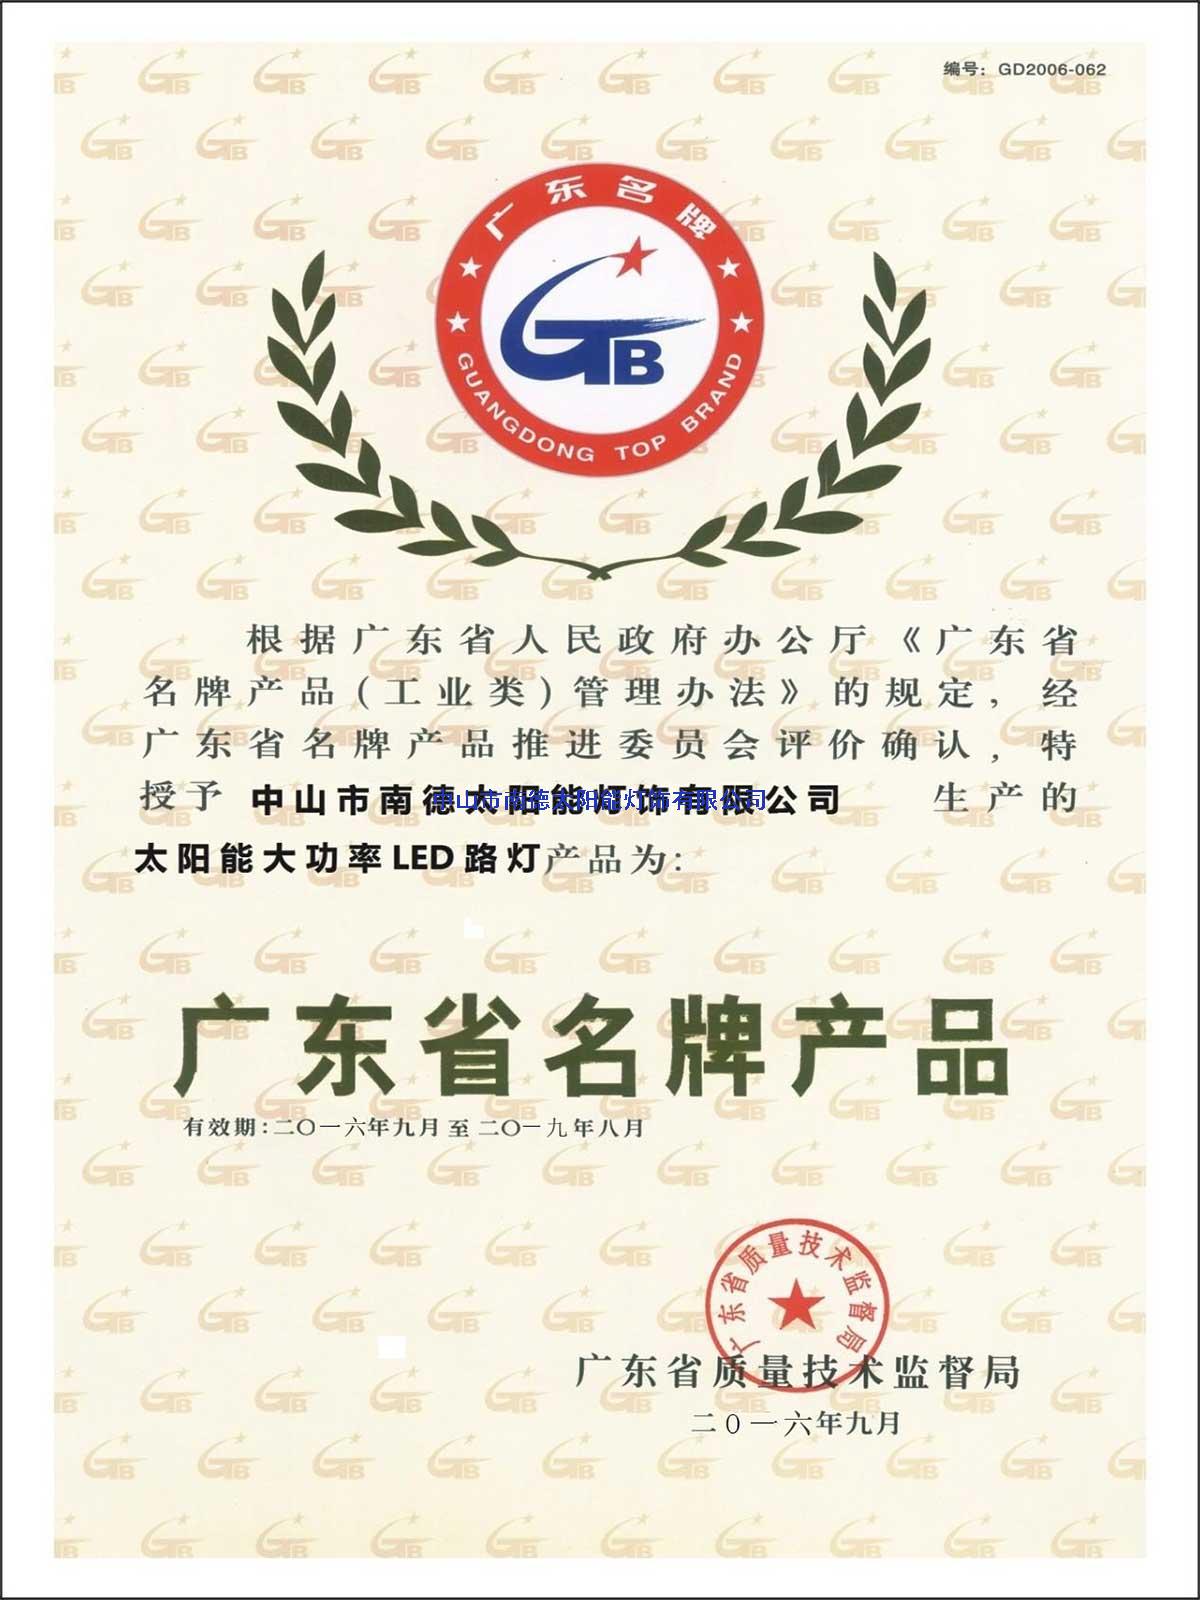 广东名牌证书